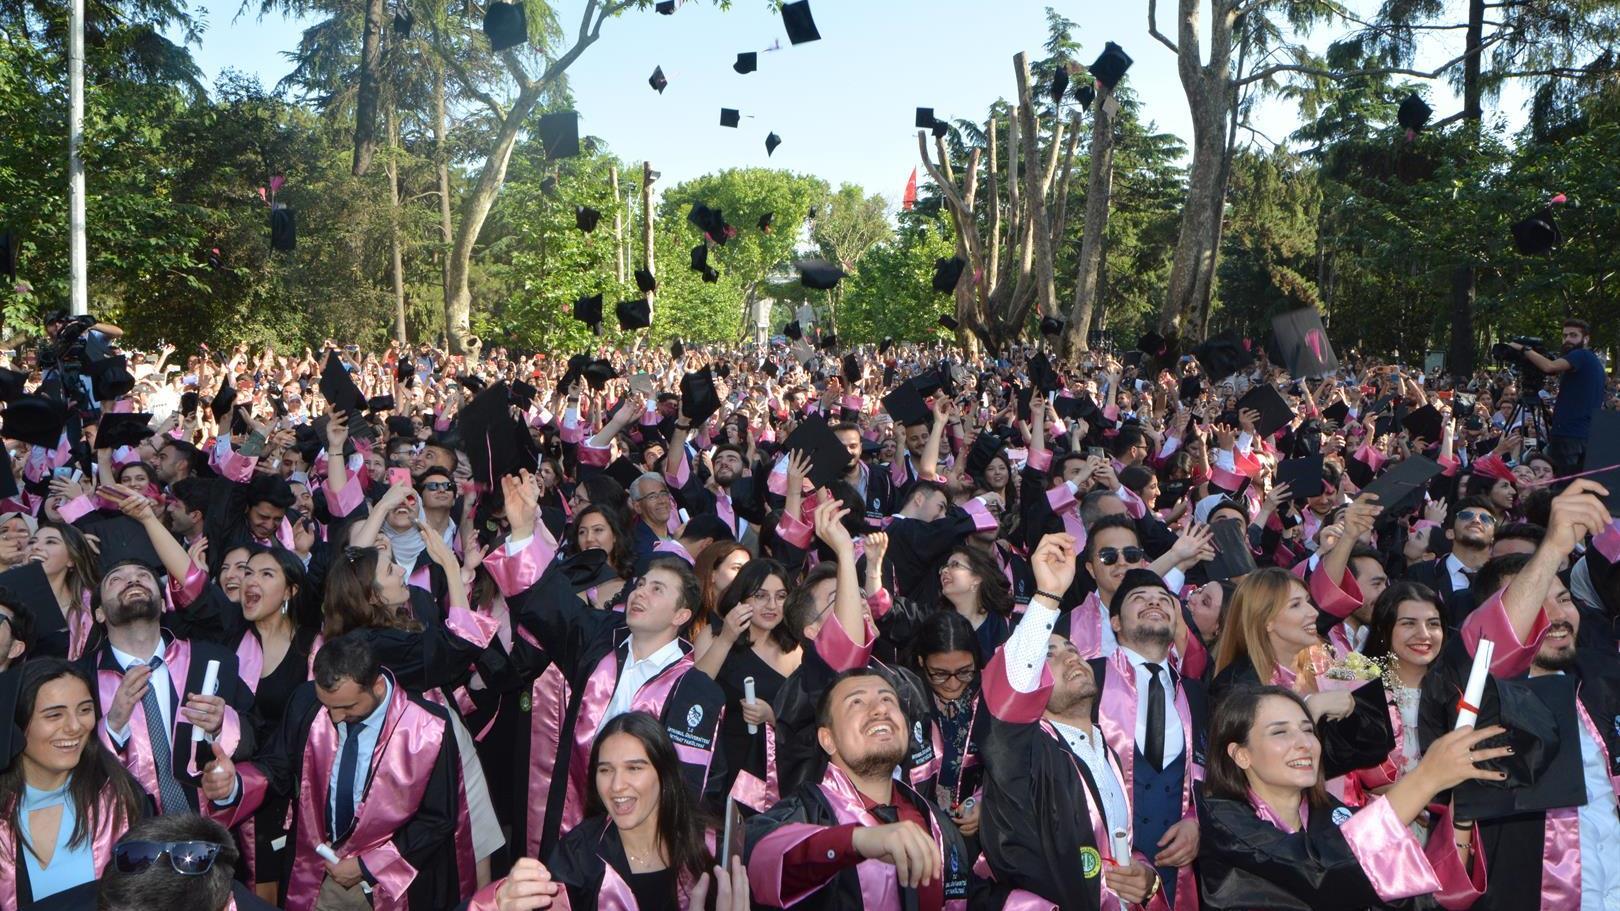 İÜ-İktisat-Fakültesi-2019-Yılı-Mezuniyet-Töreni-Gerçekleştirildi